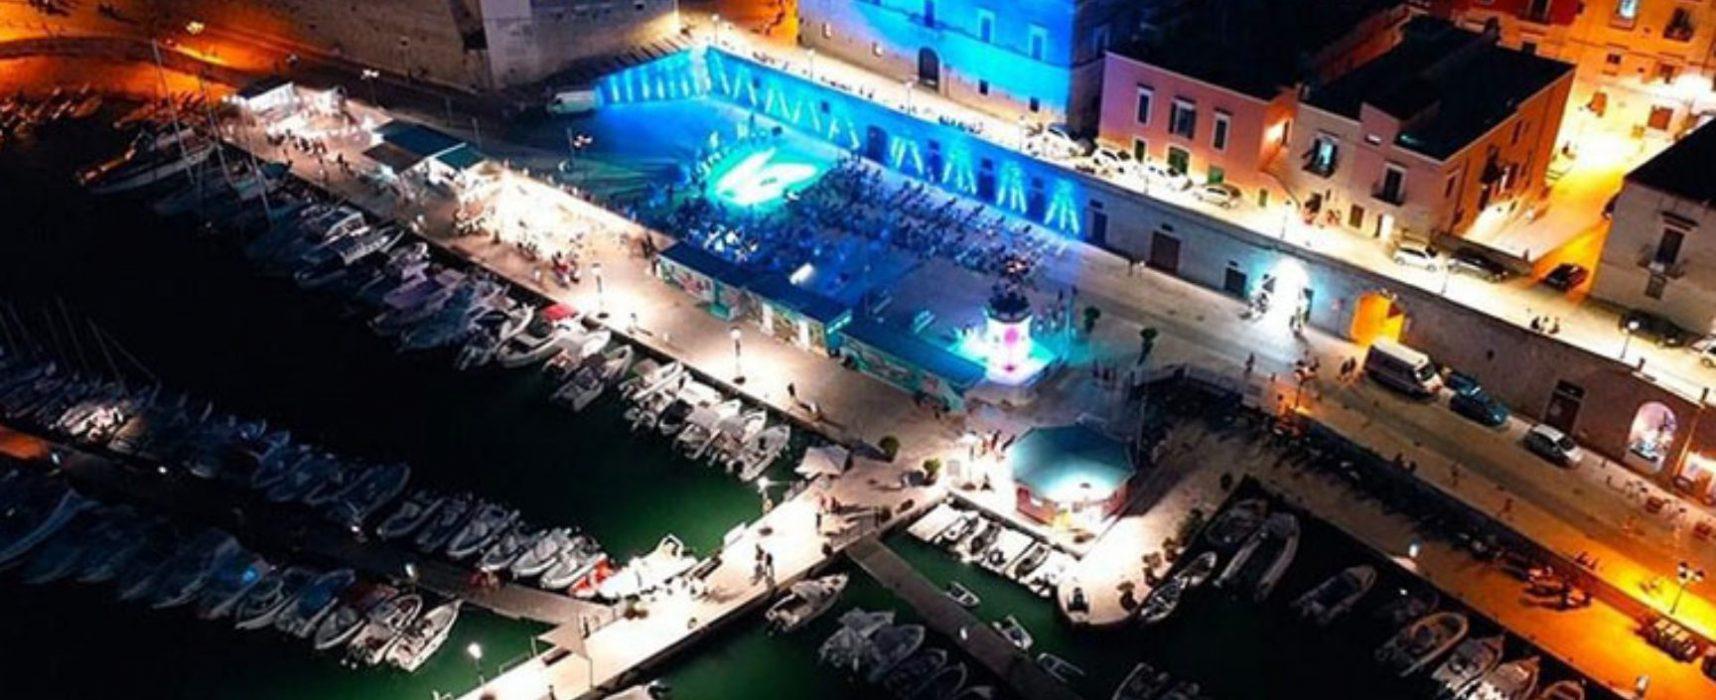 """Al via sul porto turistico la rassegna di eventi musicali """"Blu Festival"""""""